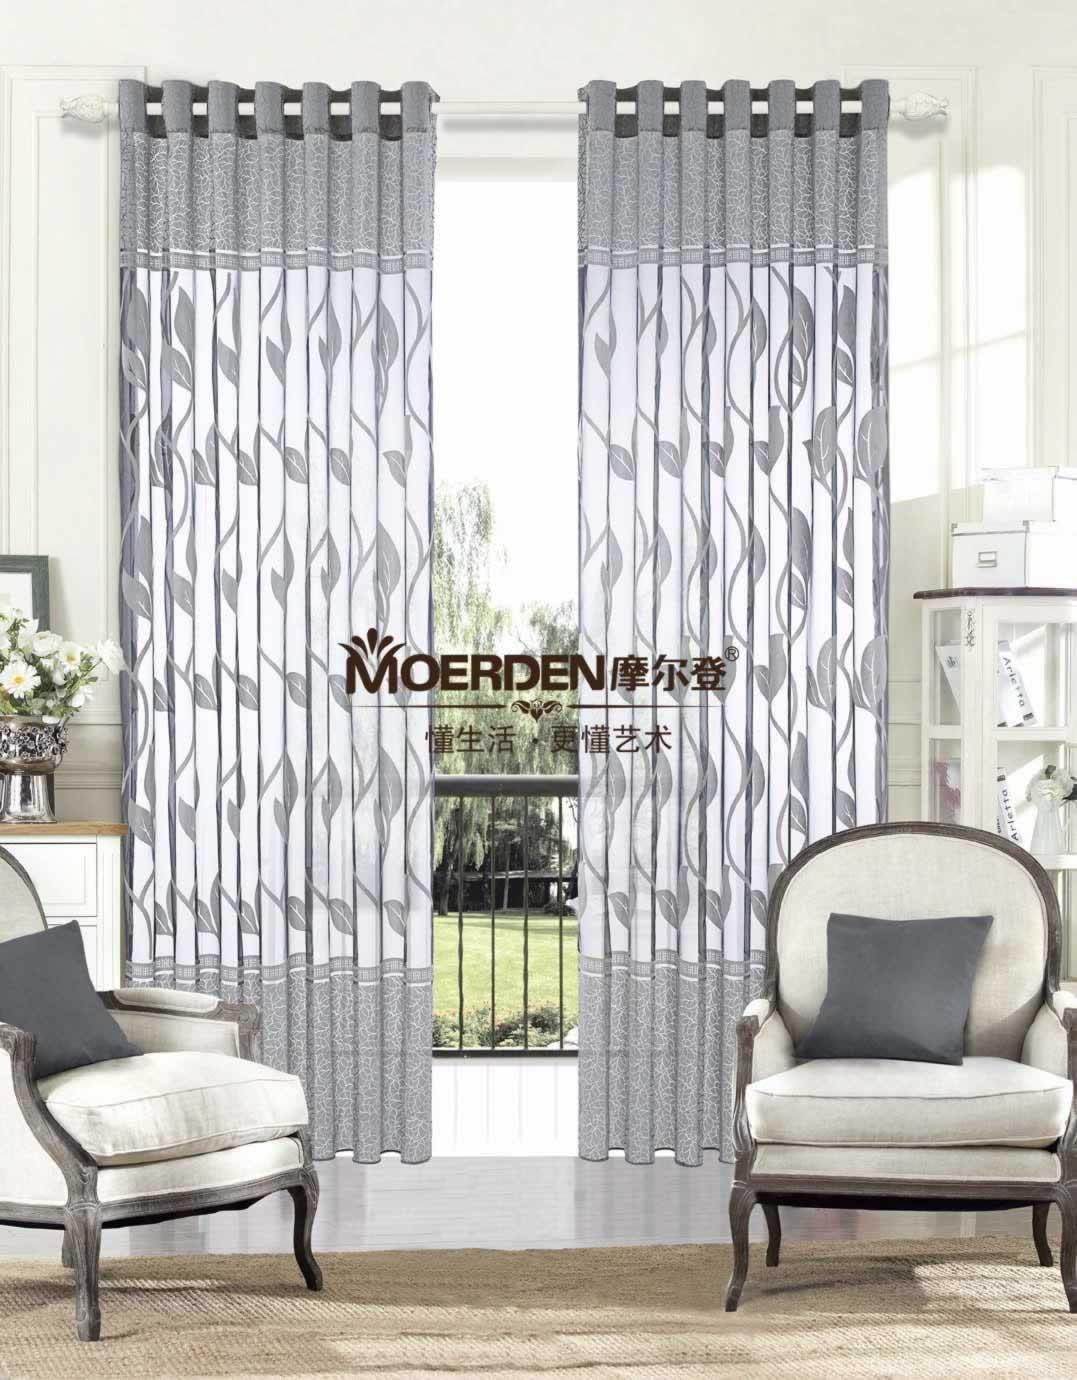 客厅窗帘效果图和款式选择